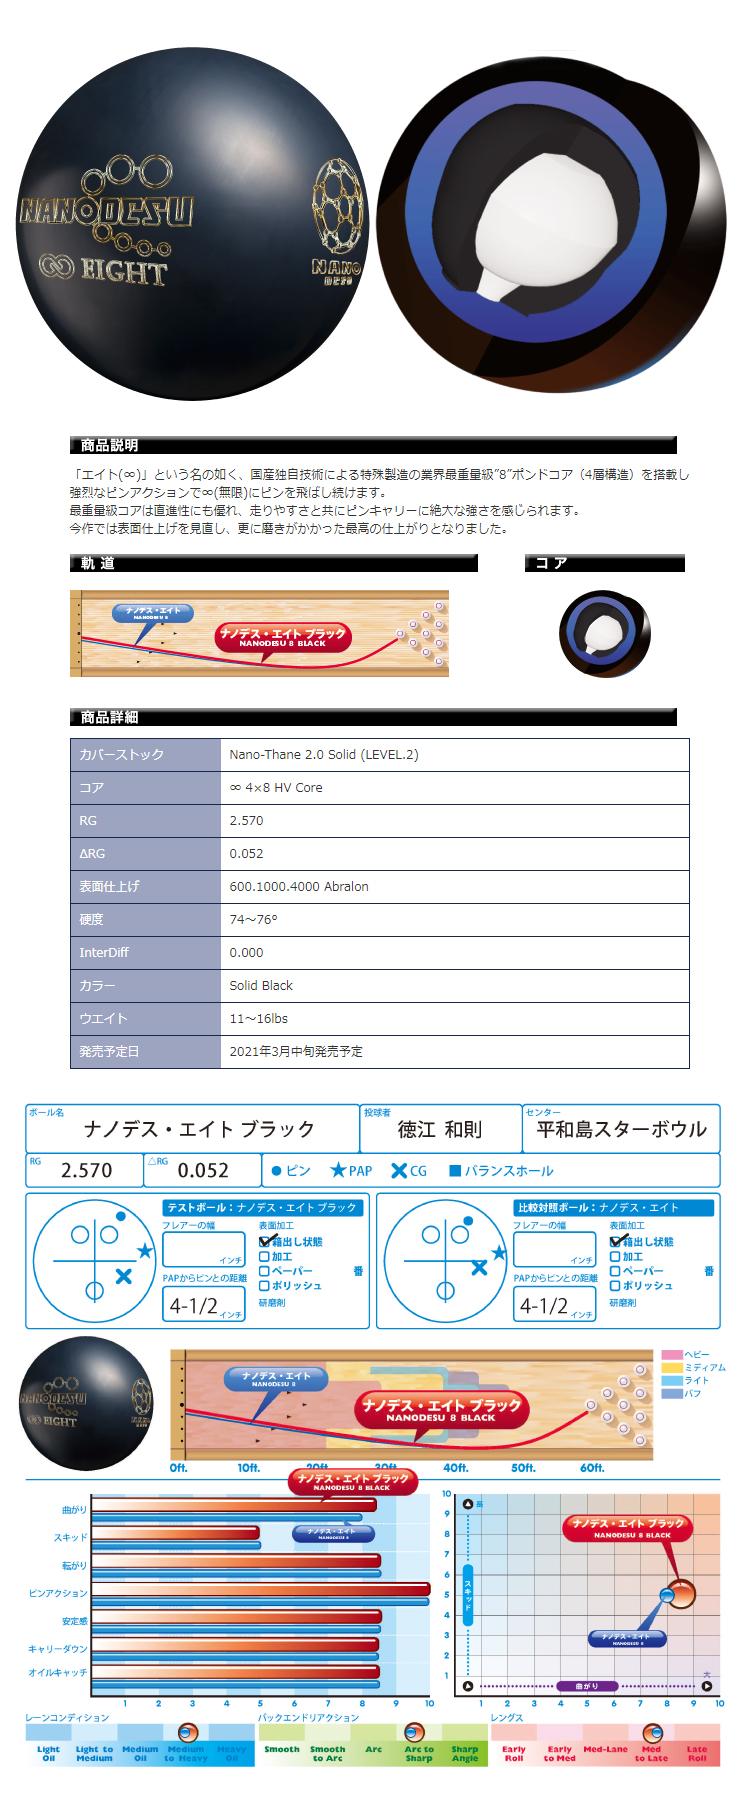 ボウリング用品 ボウリングボール ナノデス エイト ブラック NANODESU 8 BLACK NANODESU 8